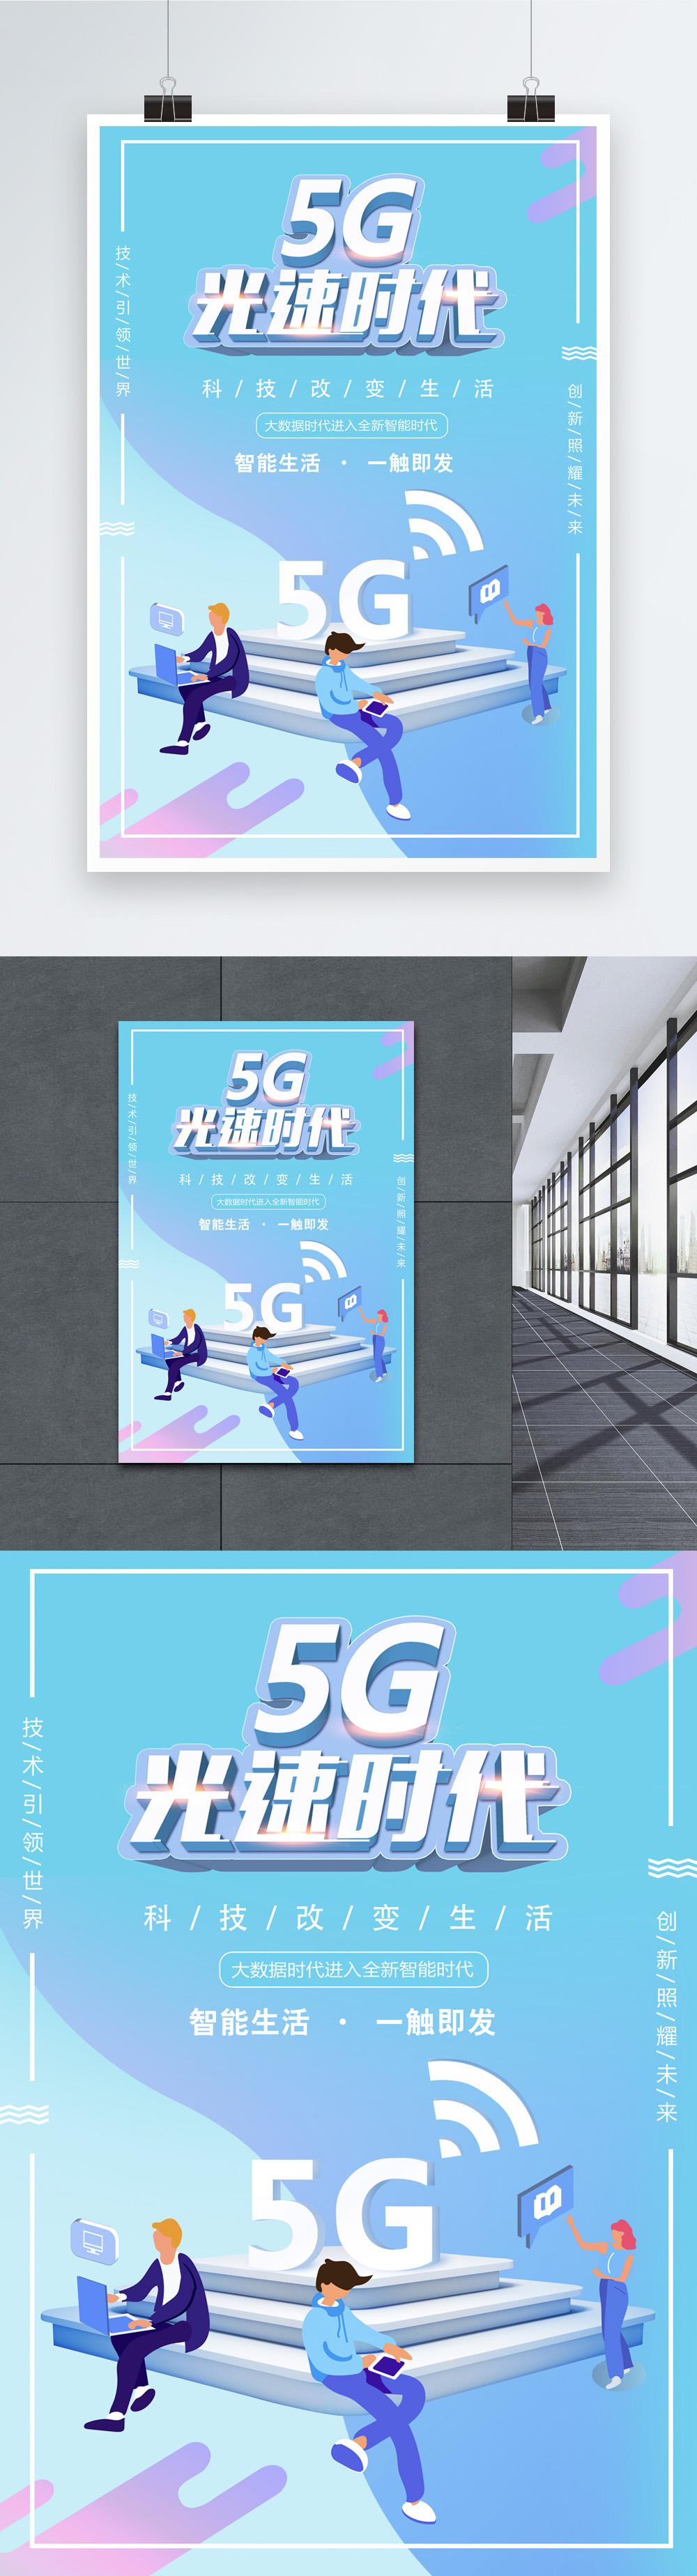 5g智能科技时代海报图片素材编号400604971_prf高清